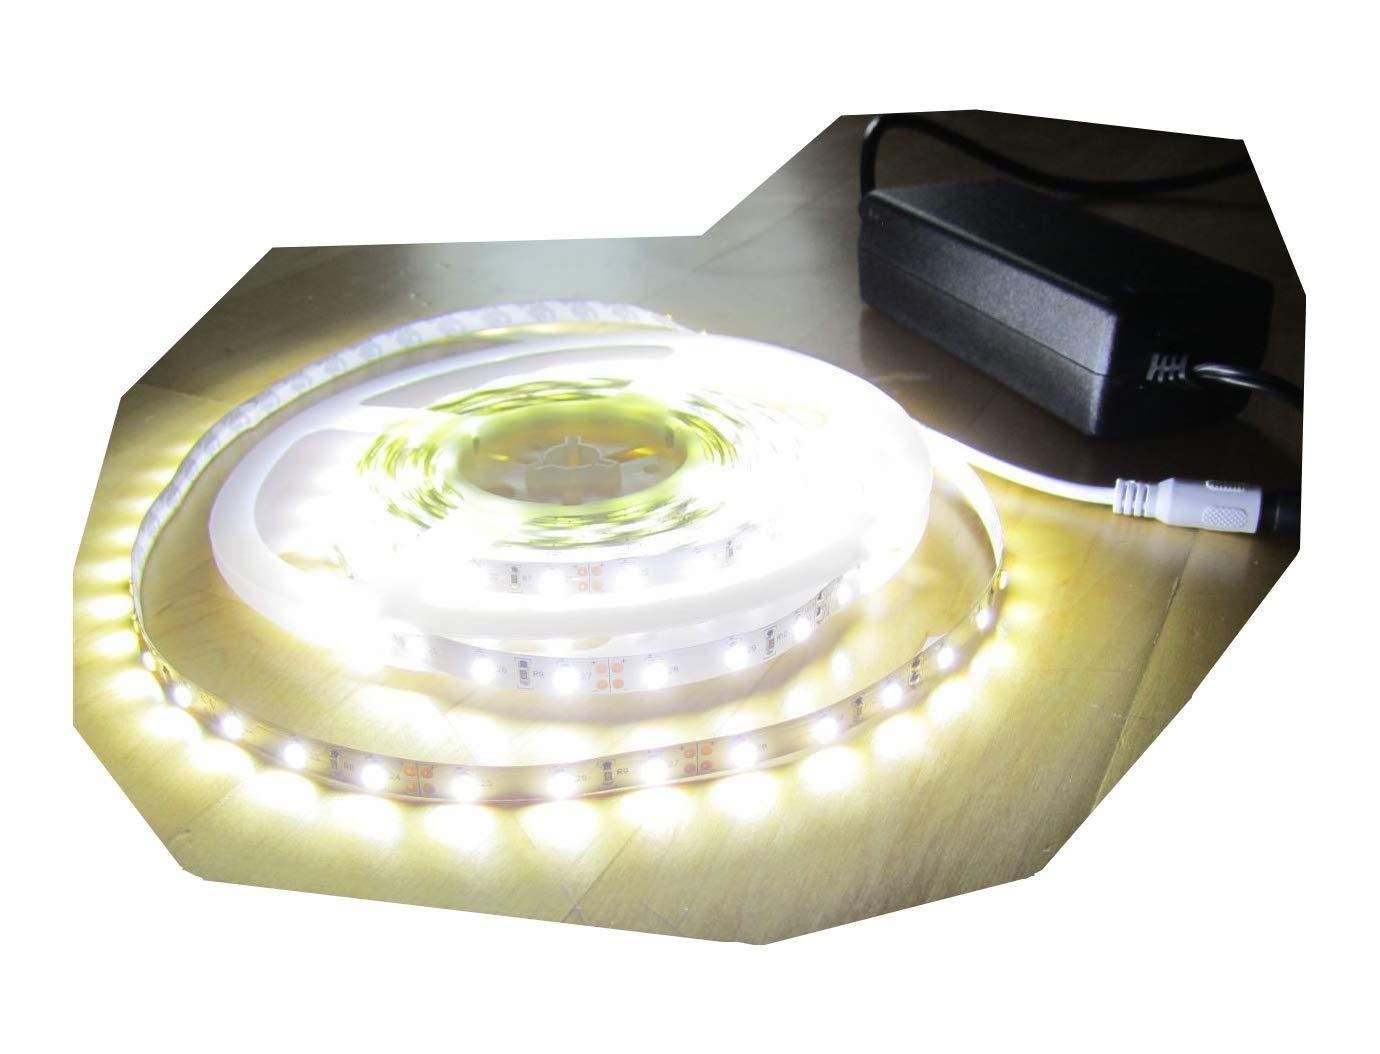 SET 6250 Lumen 5m Ultra Highpower Led Streifen mit 300 2835 LED's neutralweiß natur weiss naturweiß superhell inkl. Netzteil 24V (Pro-Serie) TÜV GS geprüft von AS-S